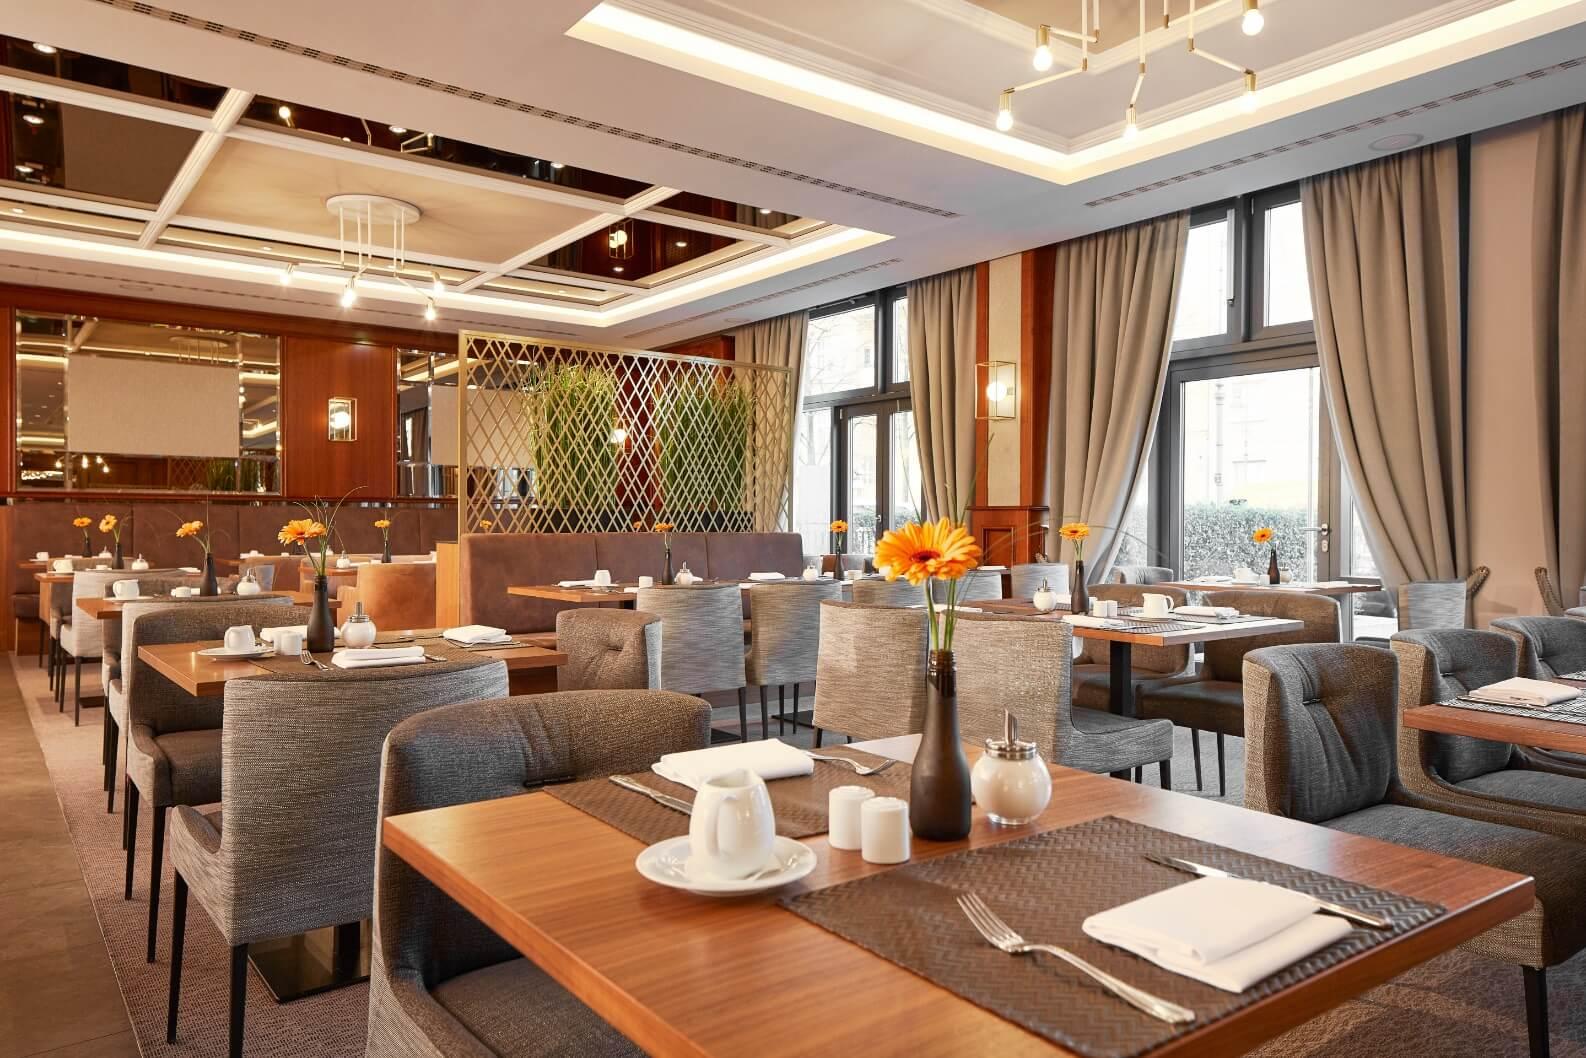 h-hotels_Restaurant-04-hyperion-hotel-berlin_Original-kommerz.-Nutzung-_2b28f923@2x